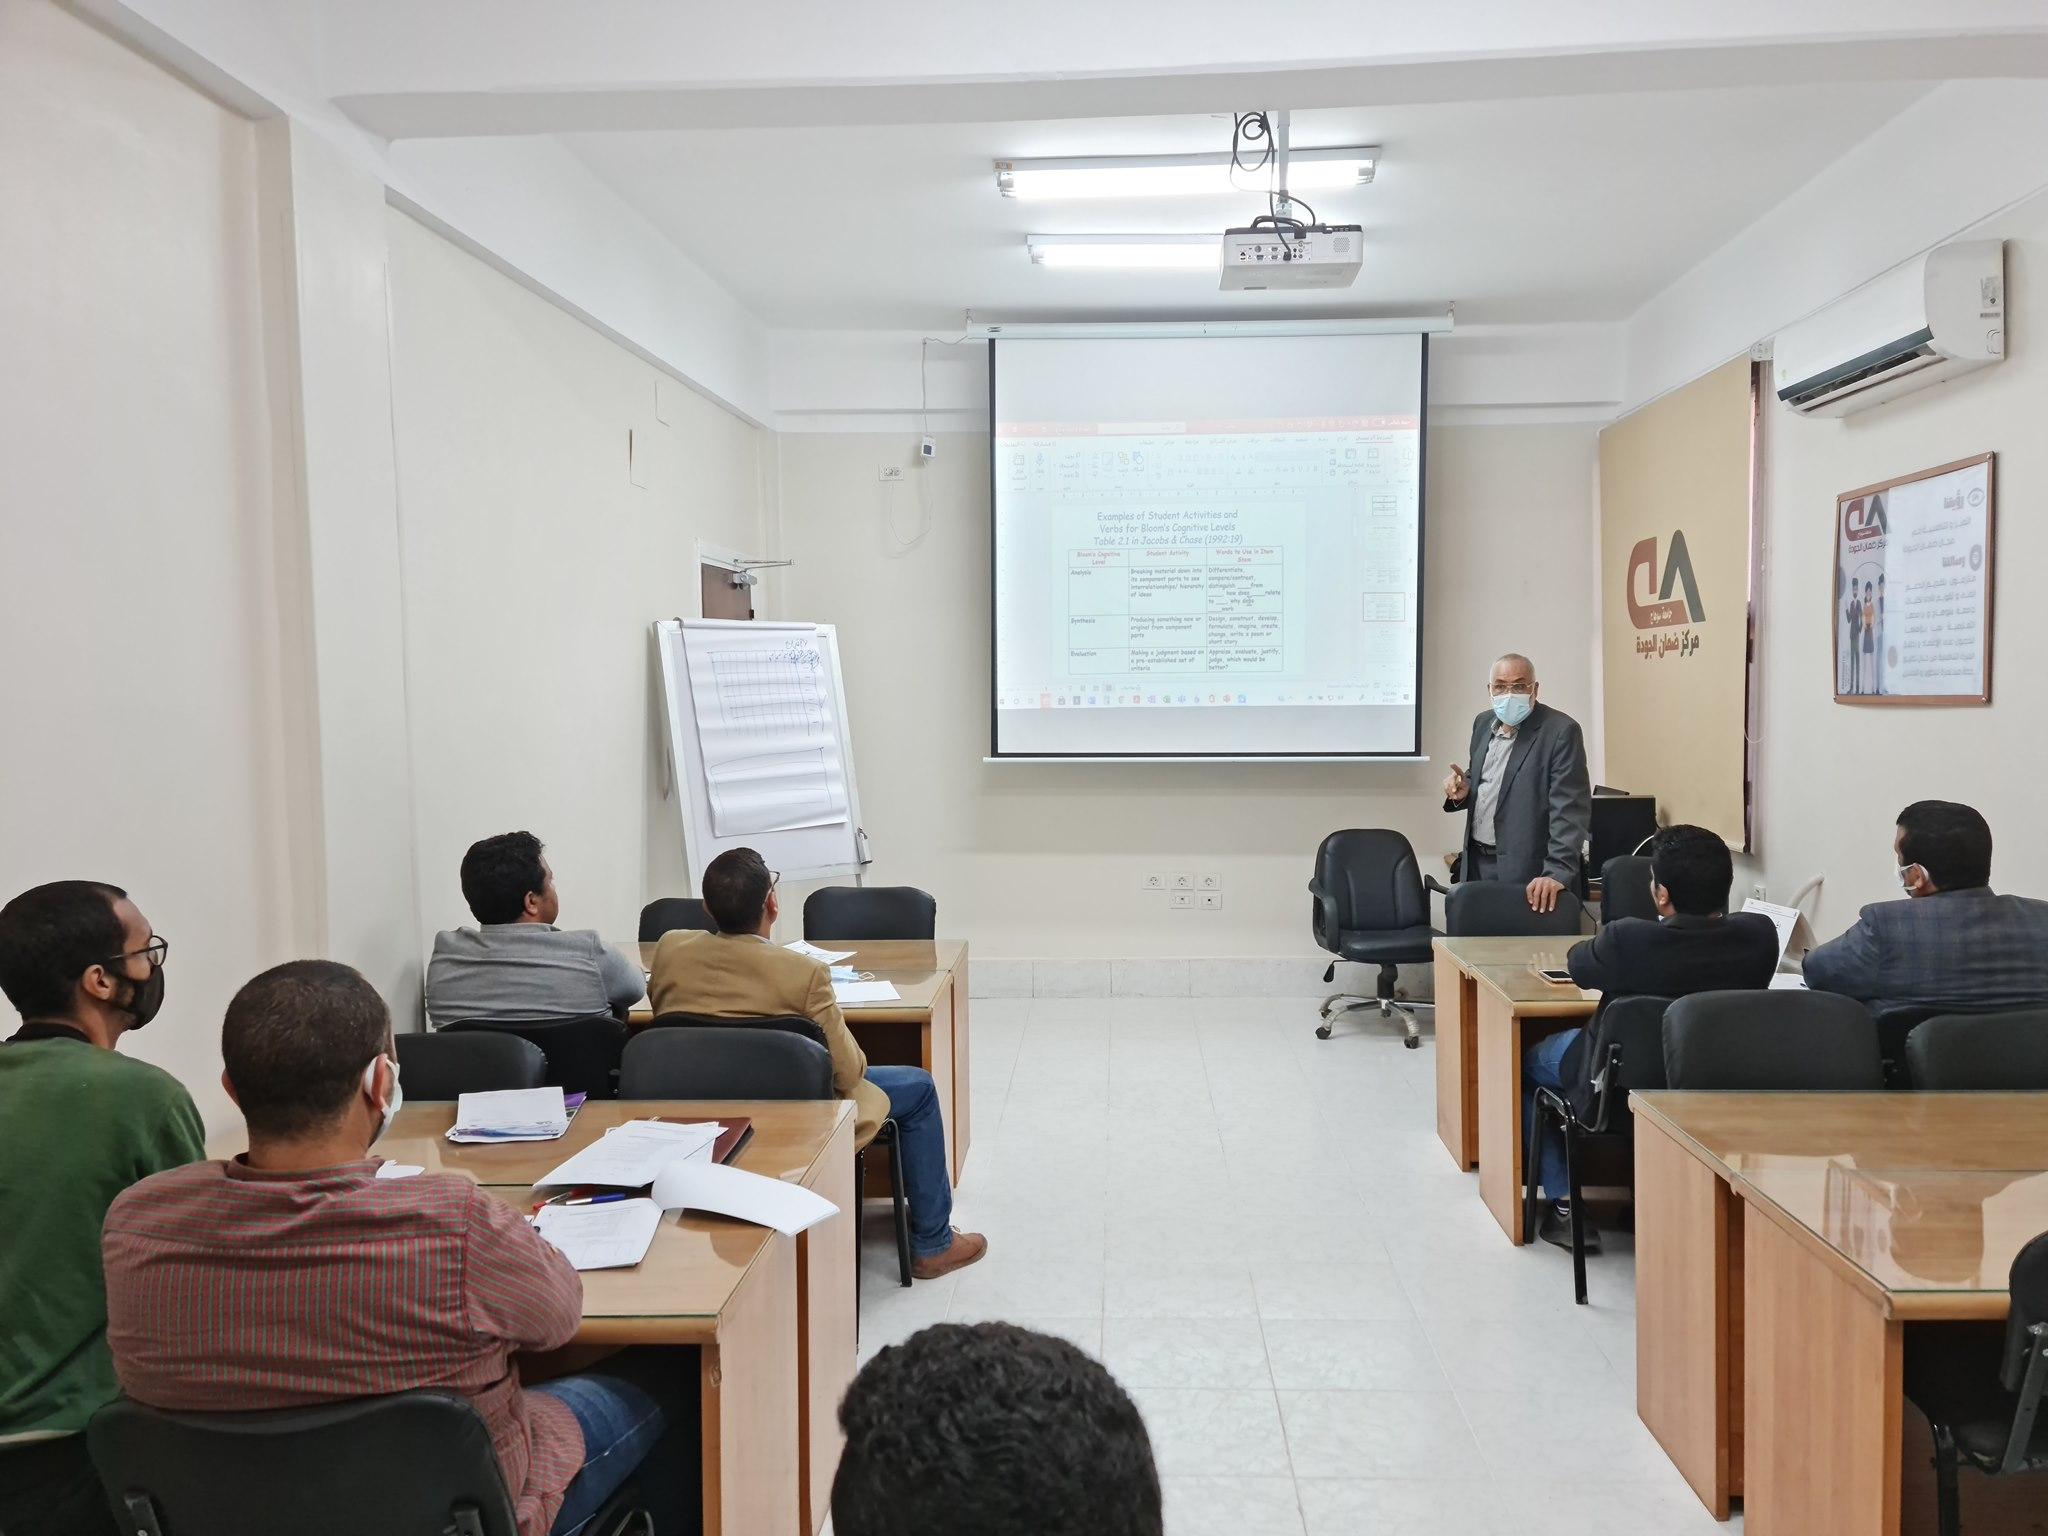 انتهاء اعمال التدريب للحزمة التدريبية المقدمة لوحدة الجودة بكلية التجارة :